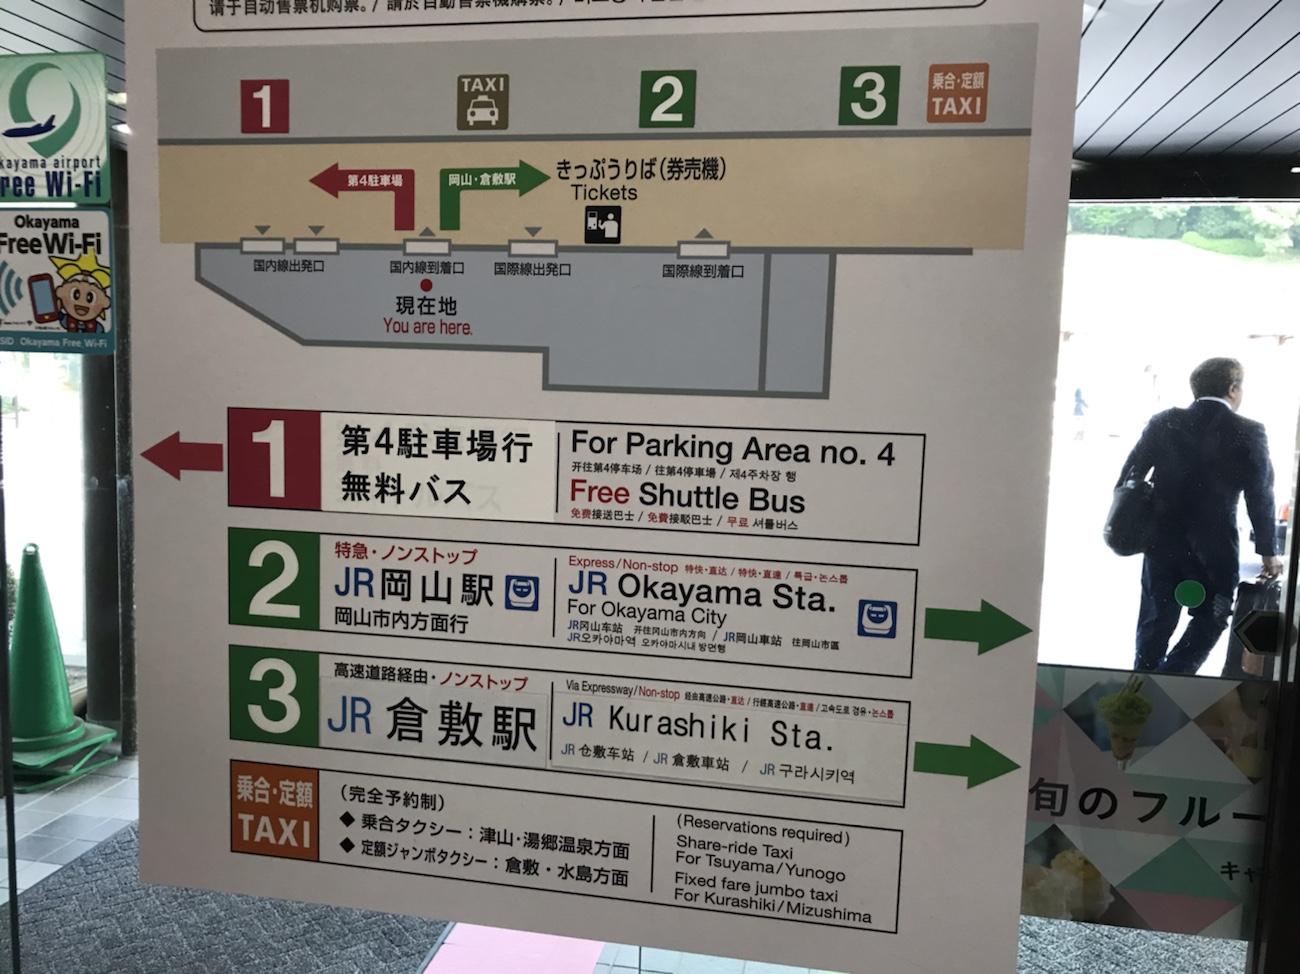 リムジンバス乗り場 岡山空港から倉敷駅行き方